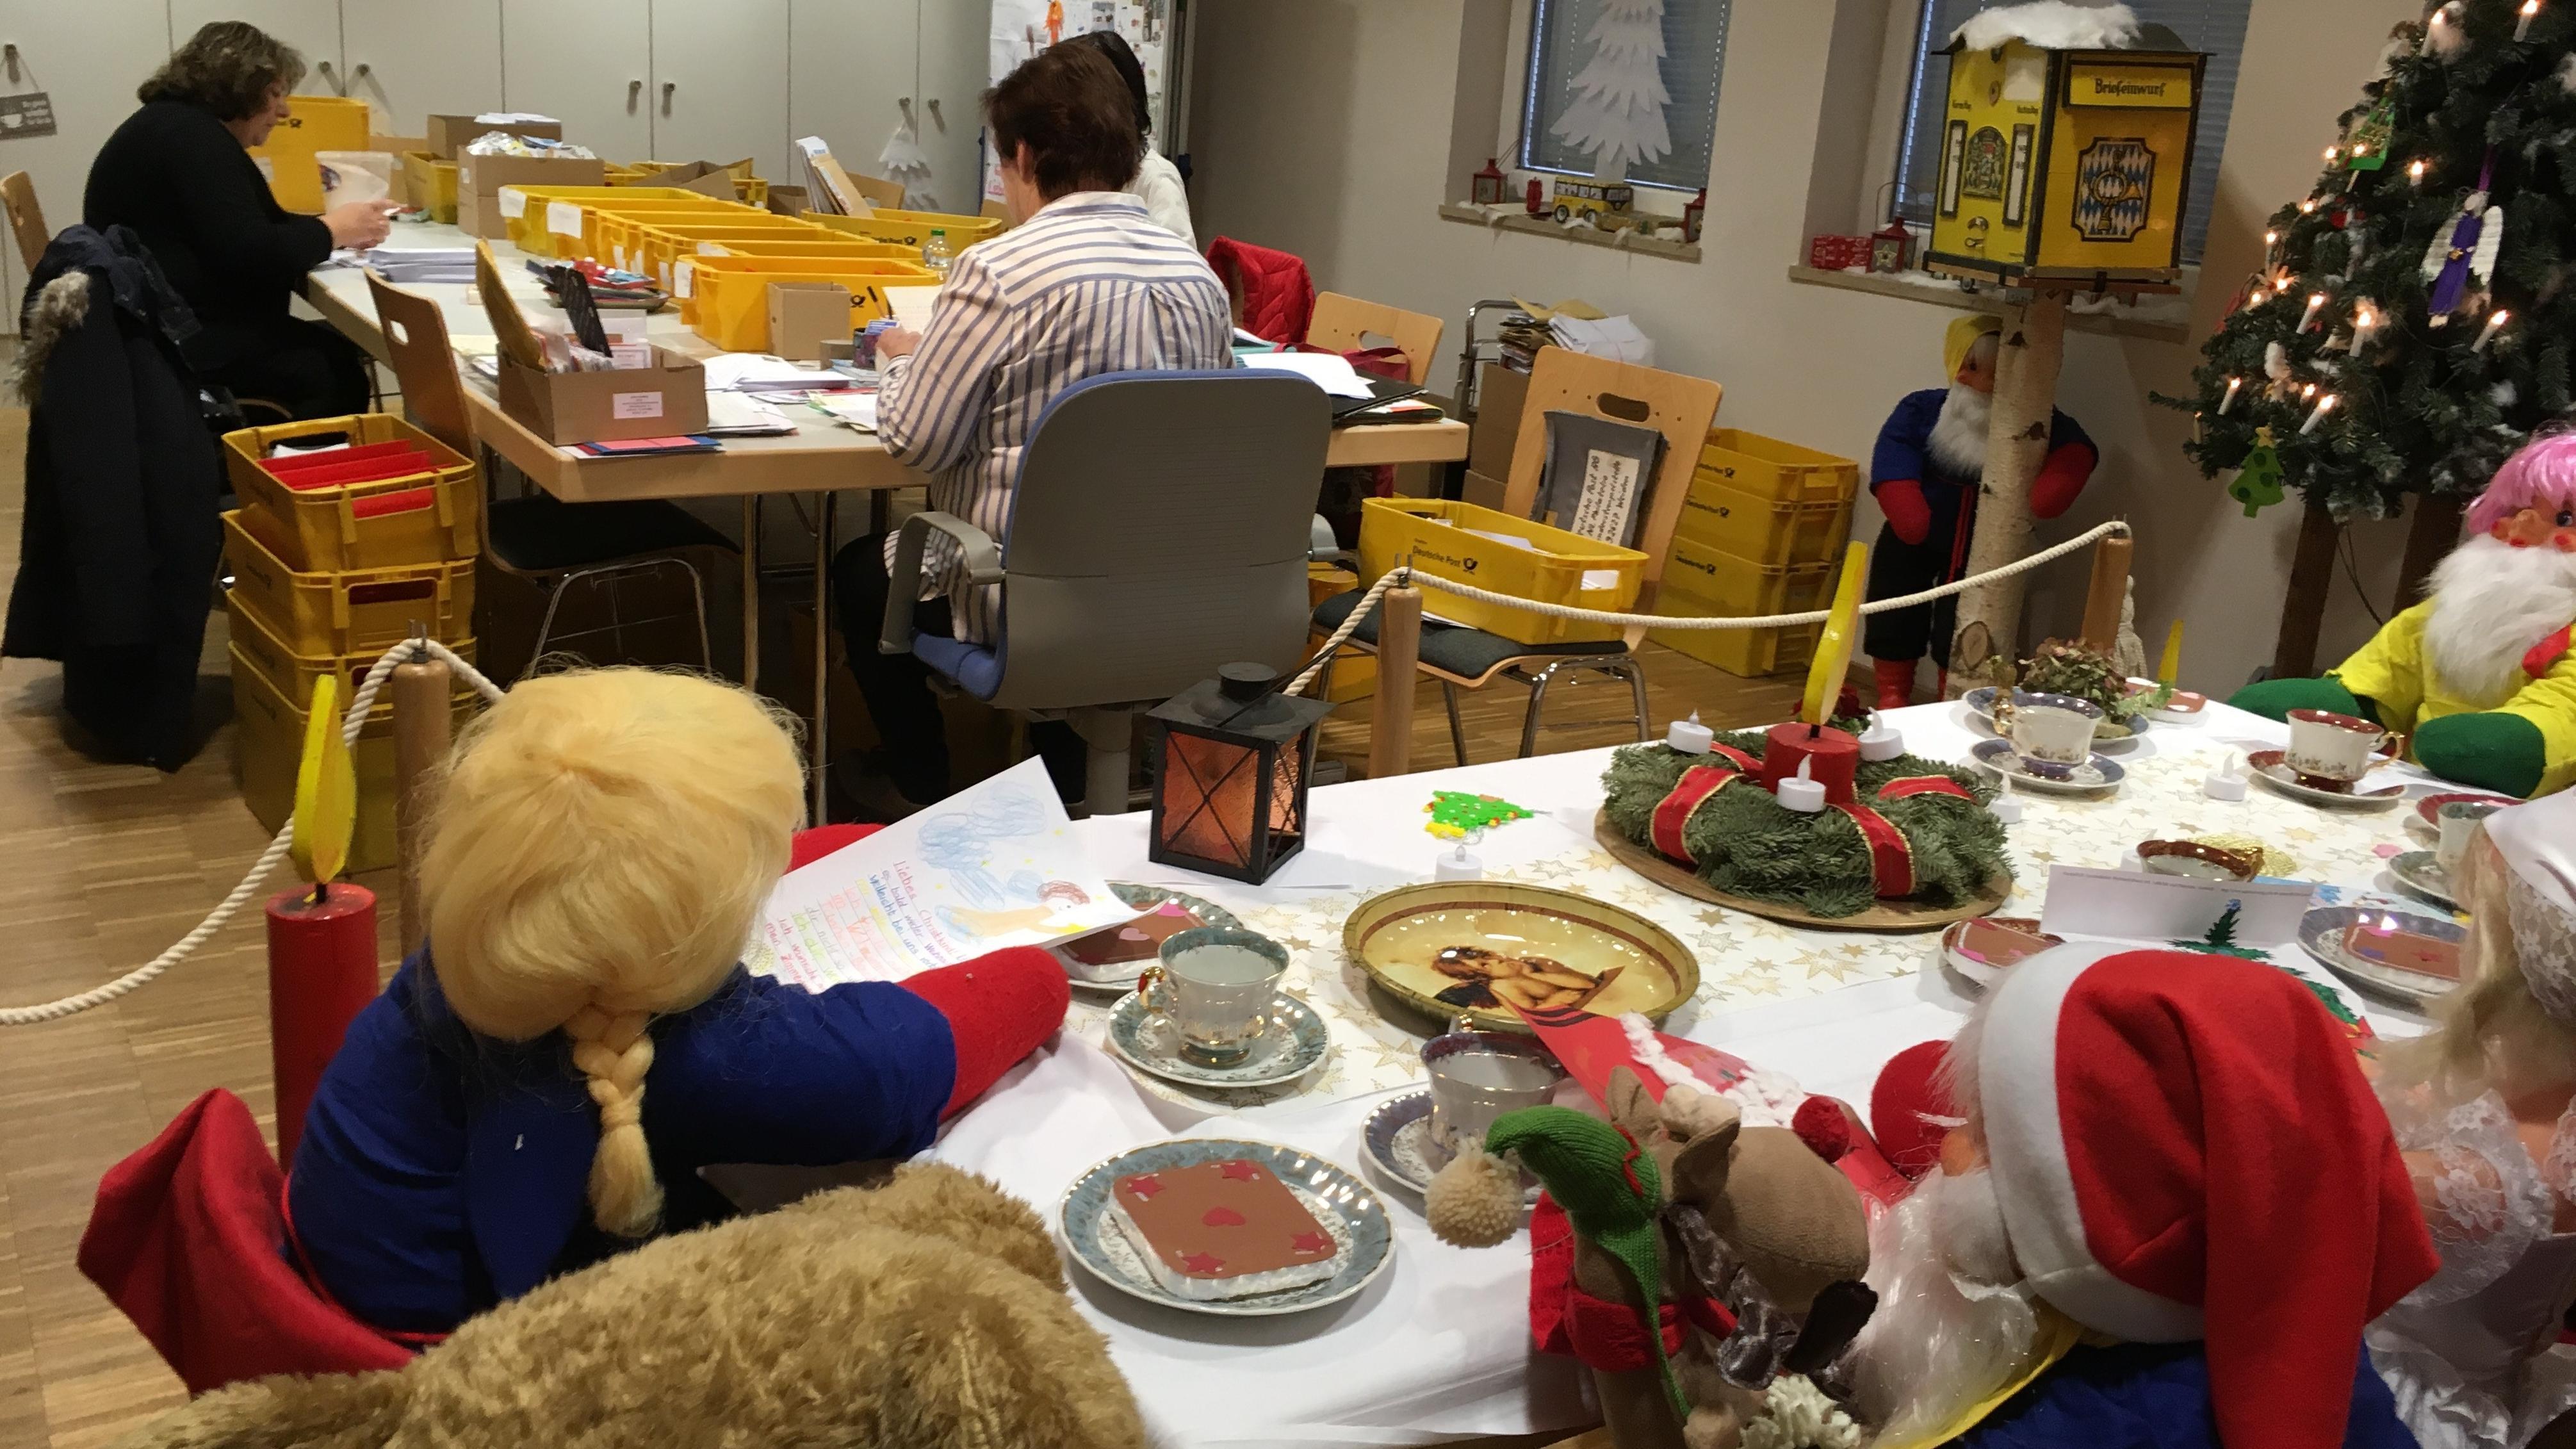 Ehrenamtliche Helfer im Weihnachtspostamt in Himmelstadt